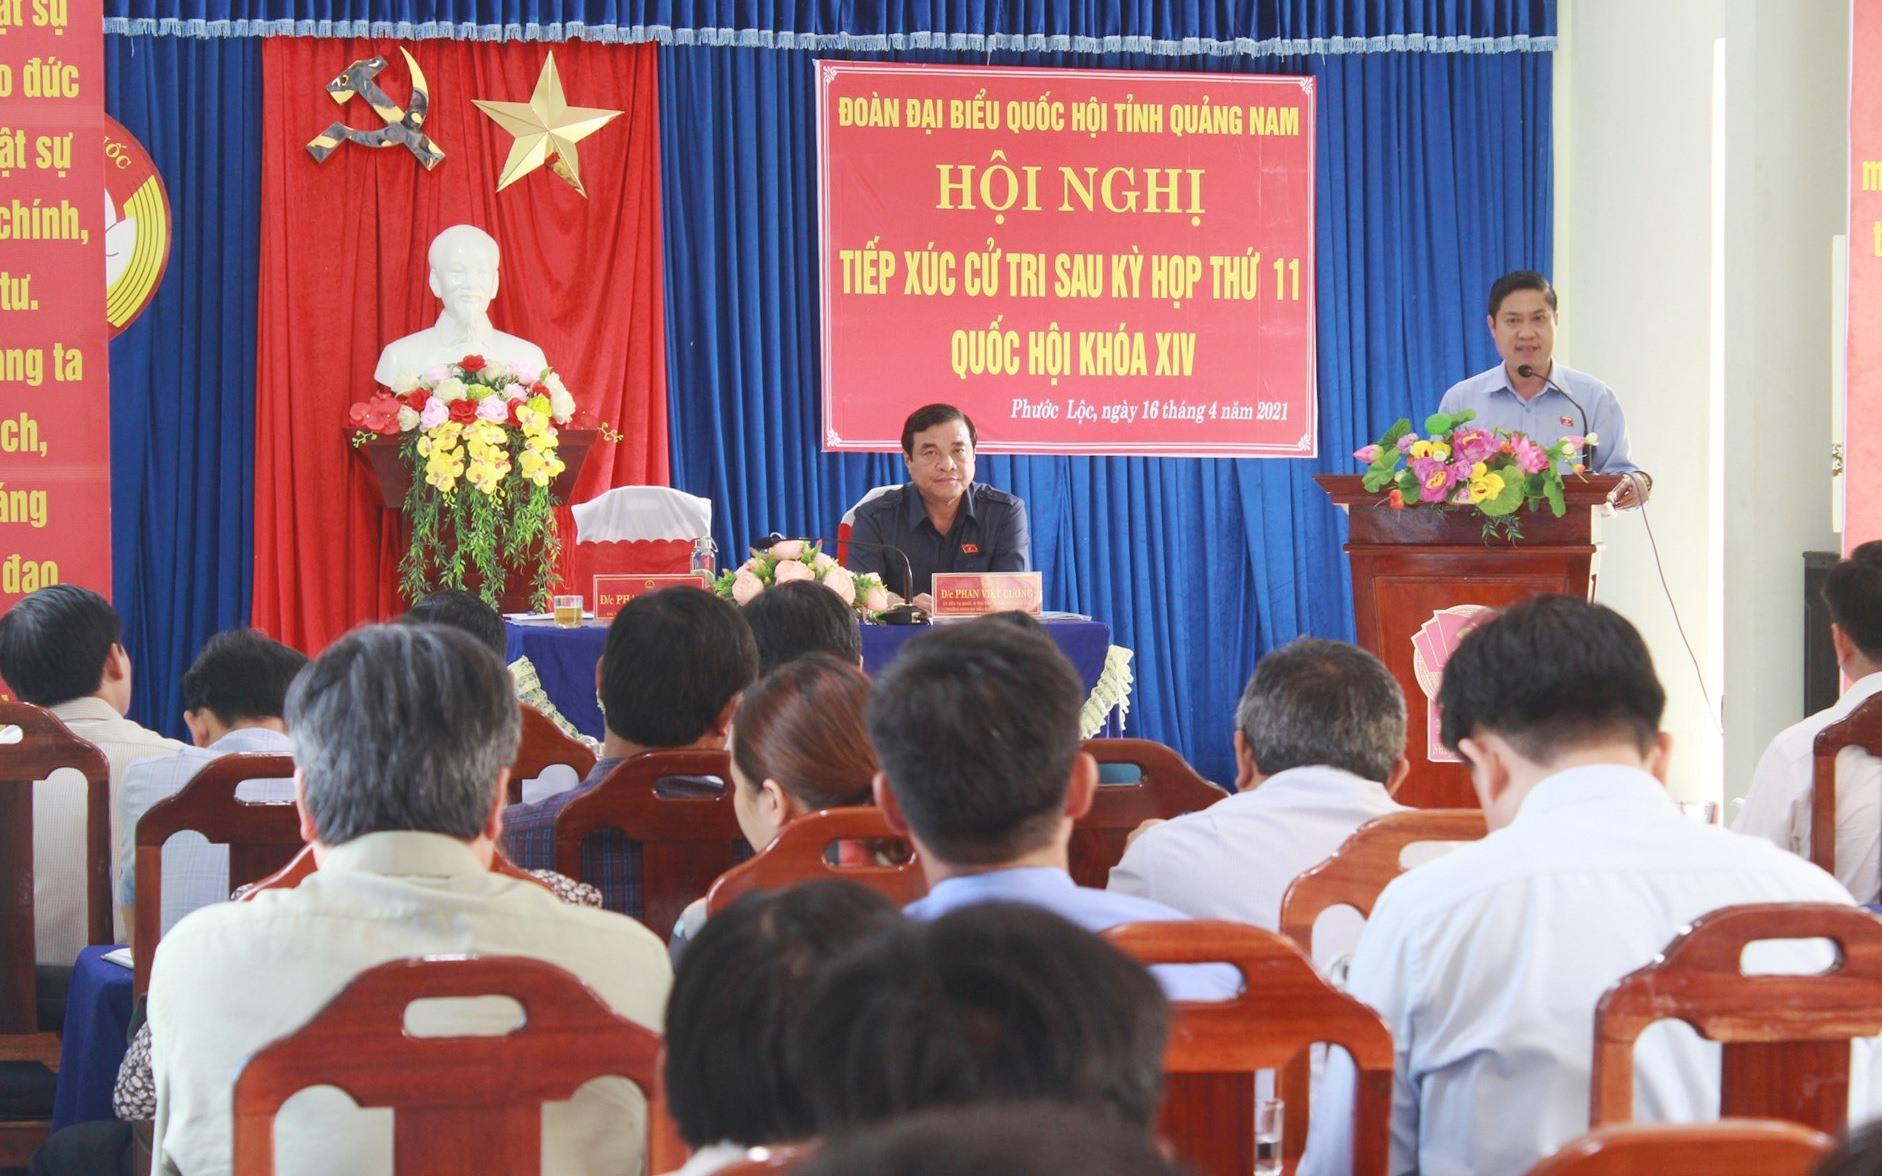 Đồng chí Phan Thái Bình thông tin tình hình hoạt động của đoàn Đại biểu Quốc hội tỉnh cho đông đảo cử tri xã Phước Lộc. Ảnh: T.C